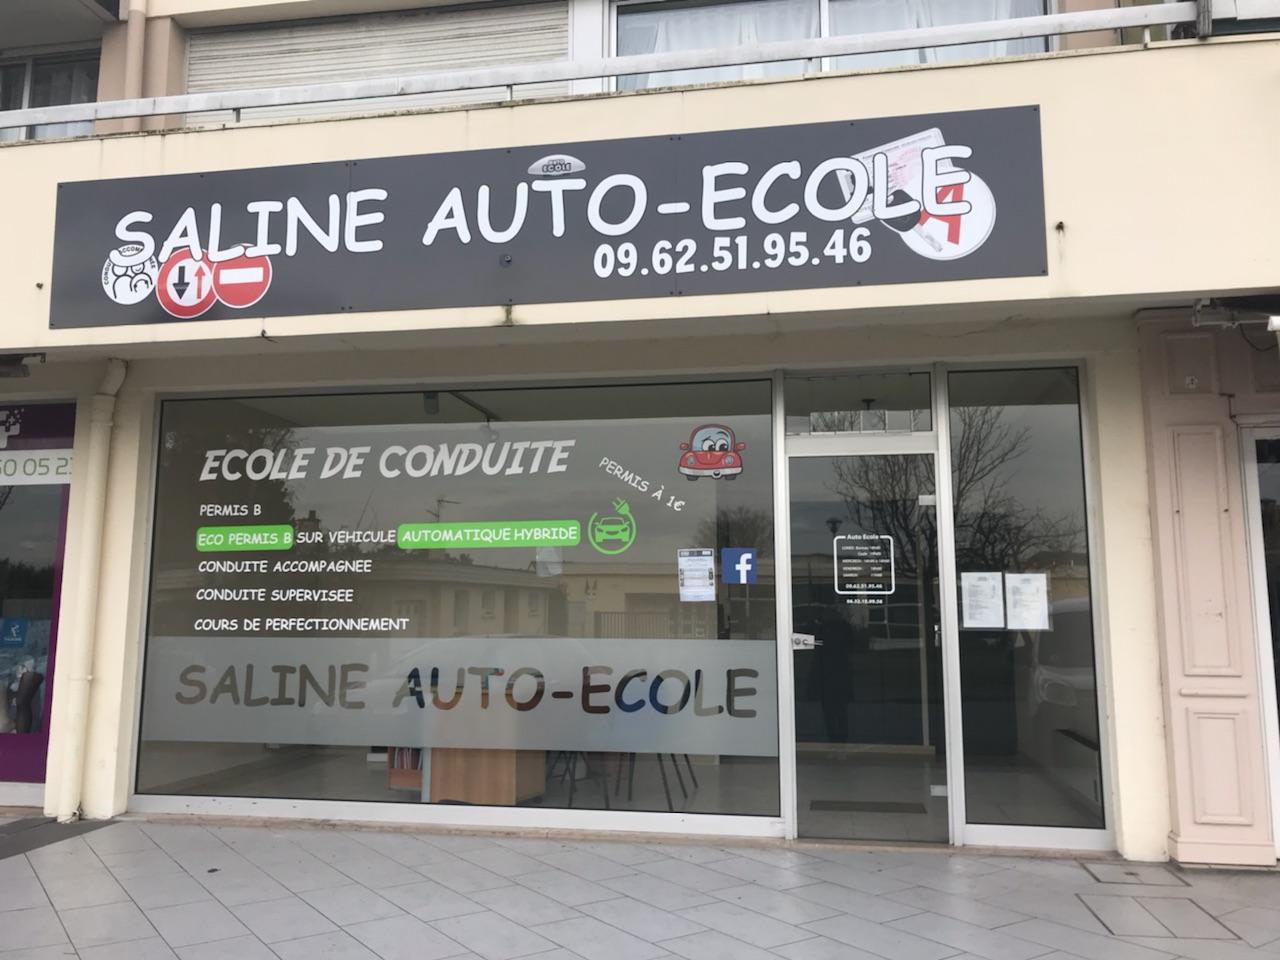 Auto-école Saline